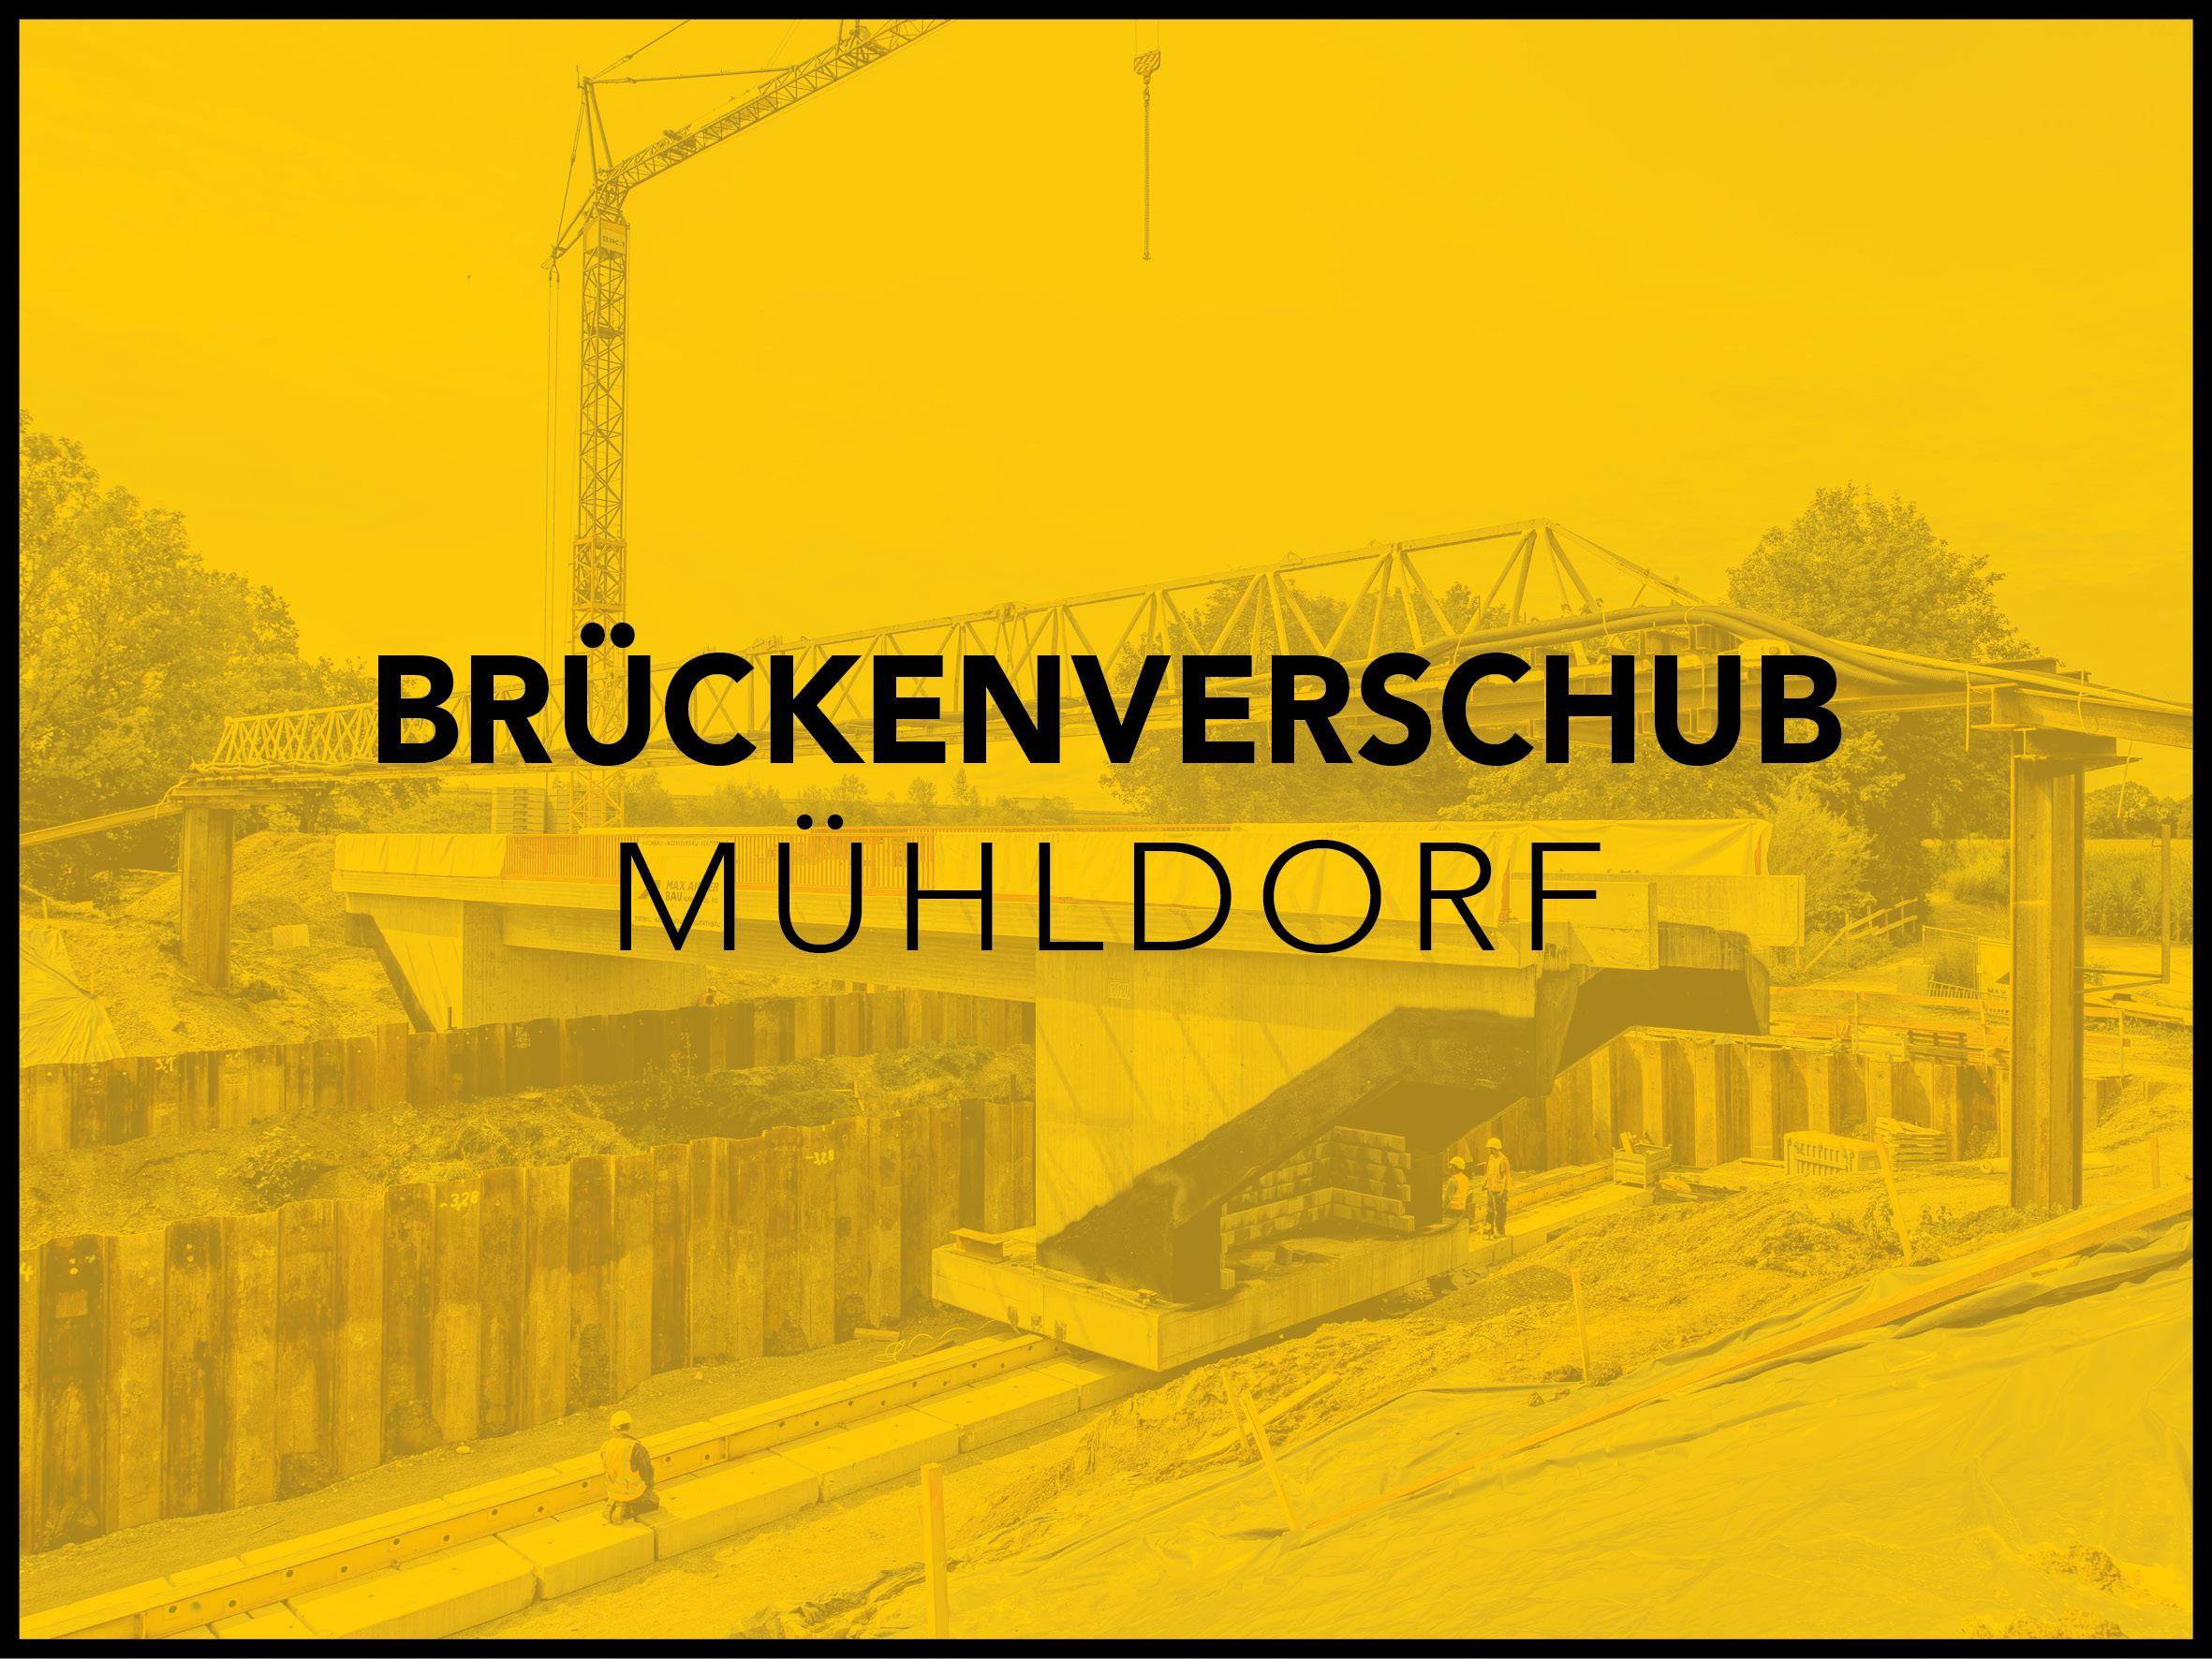 Brückenverschub Mühldorf